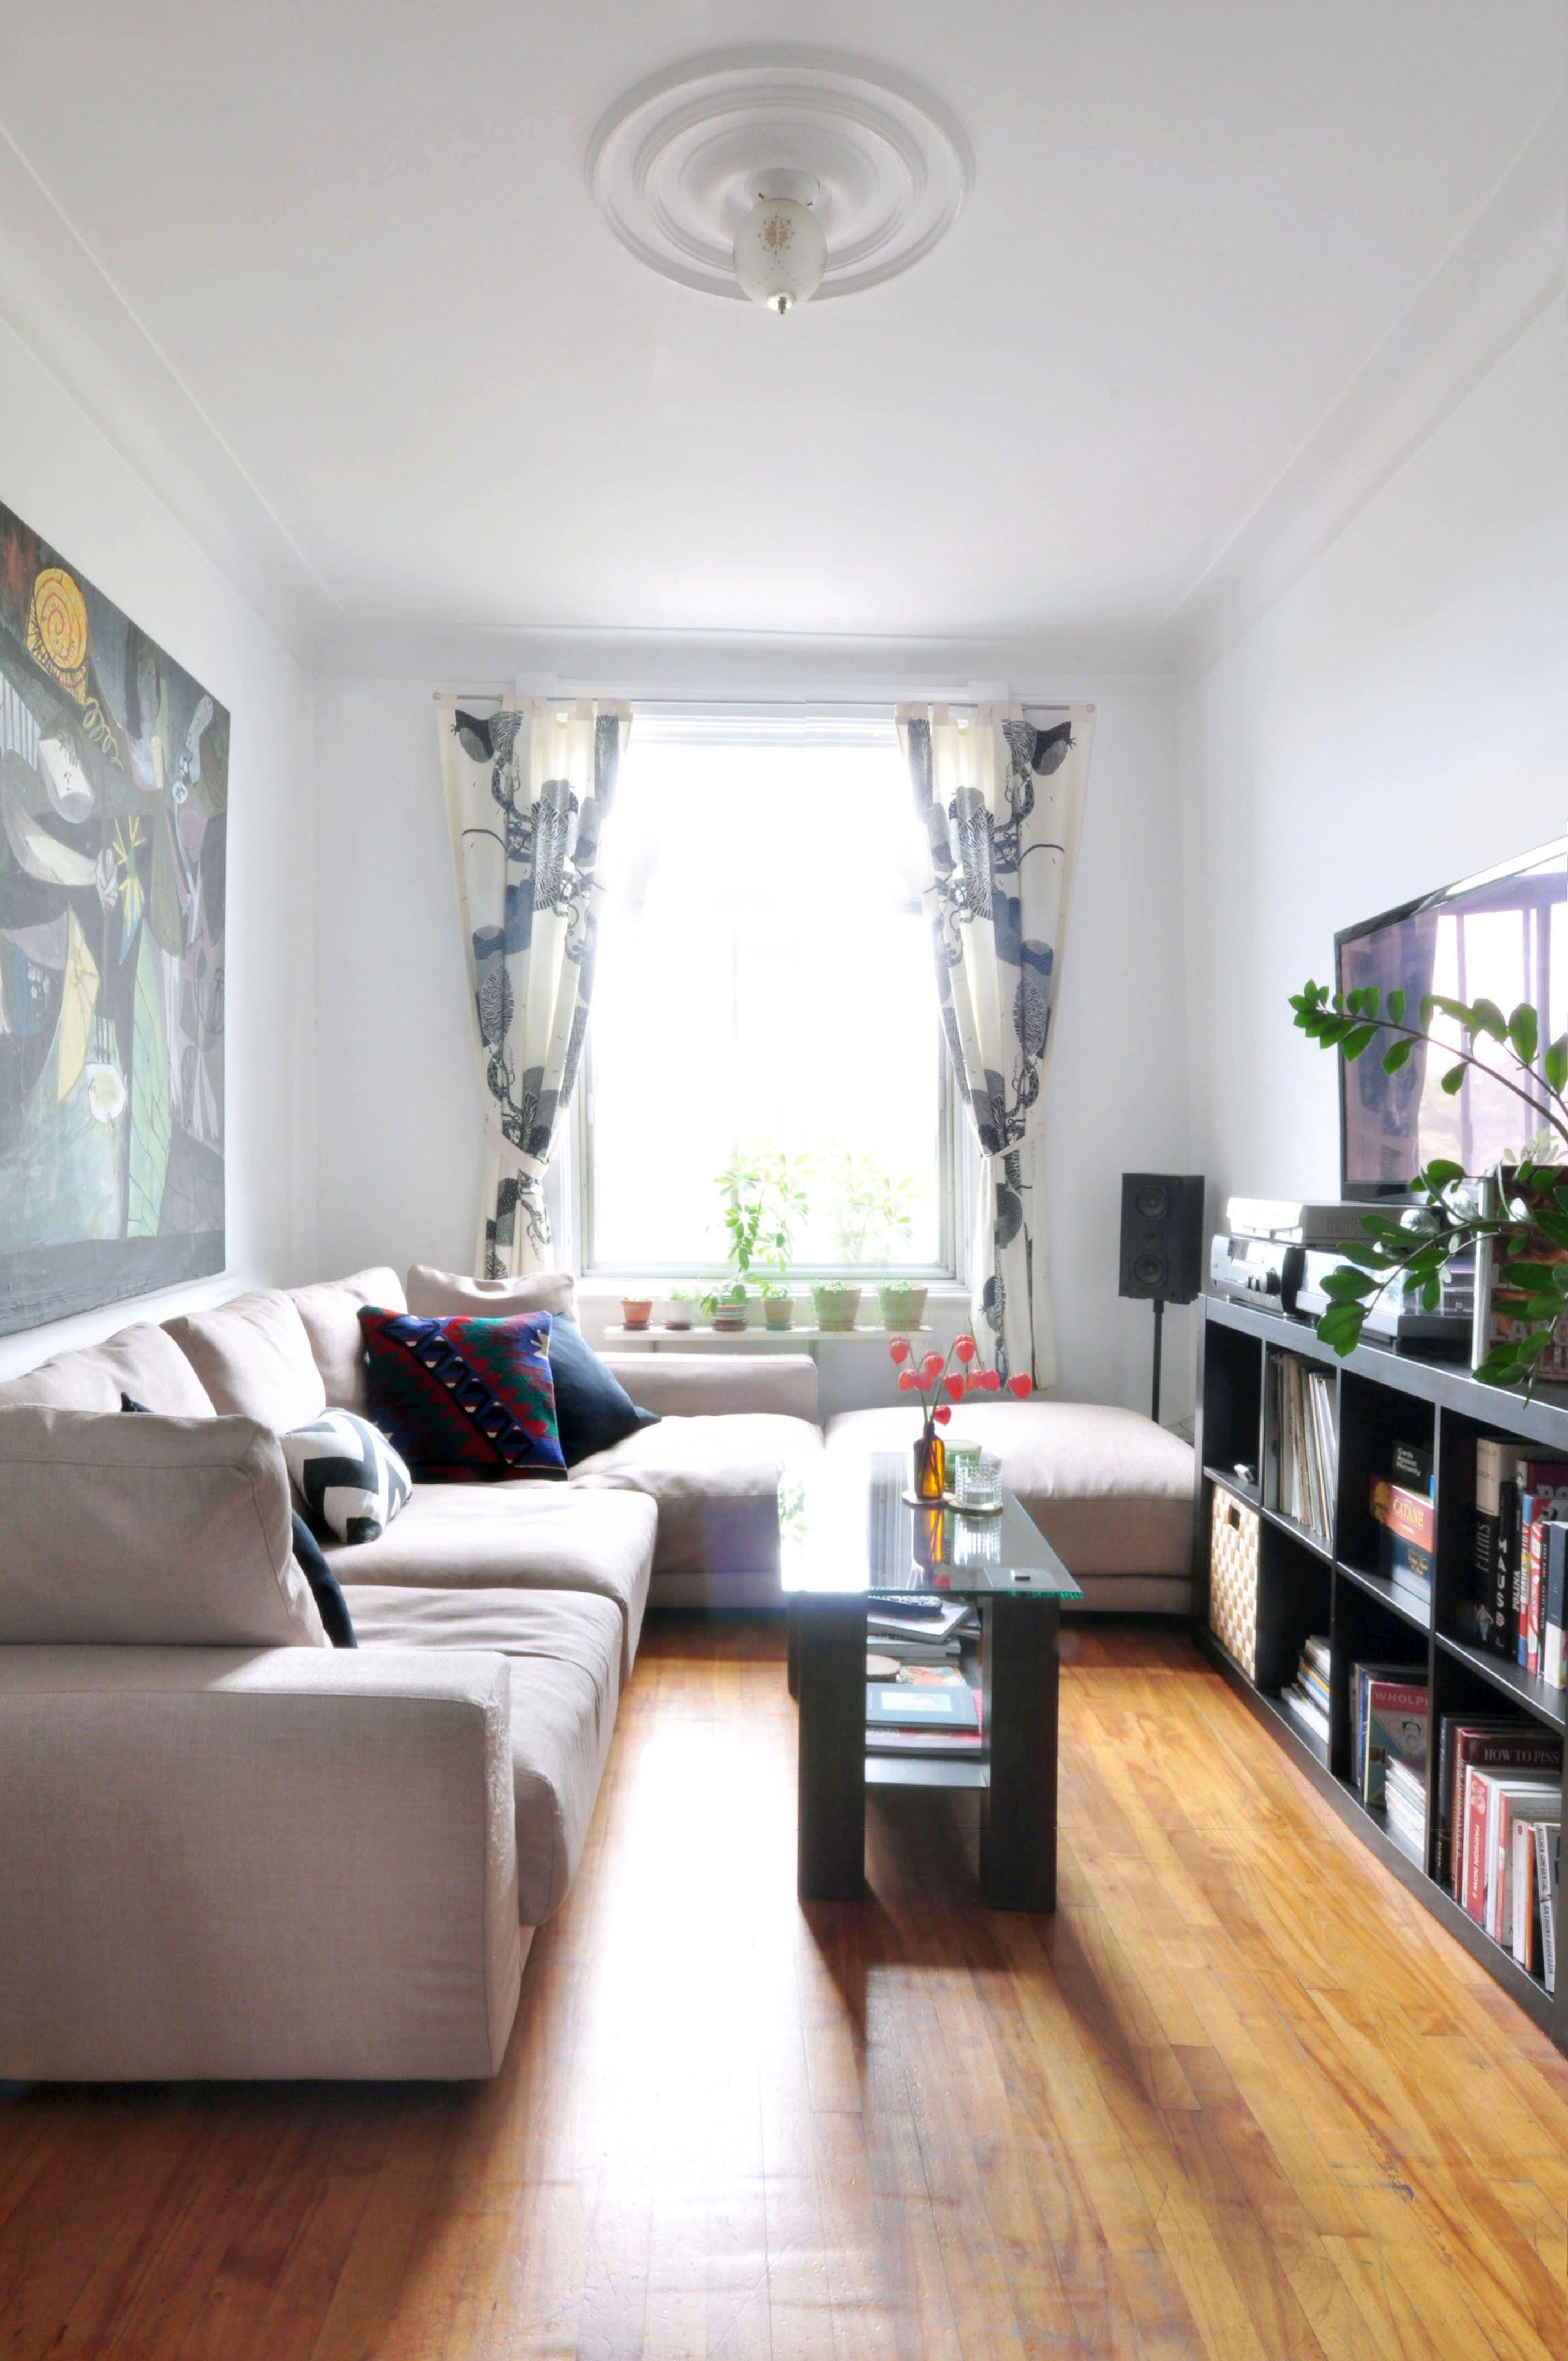 Small Condo Living Room Design Ideas: Narrow Living Room, Small